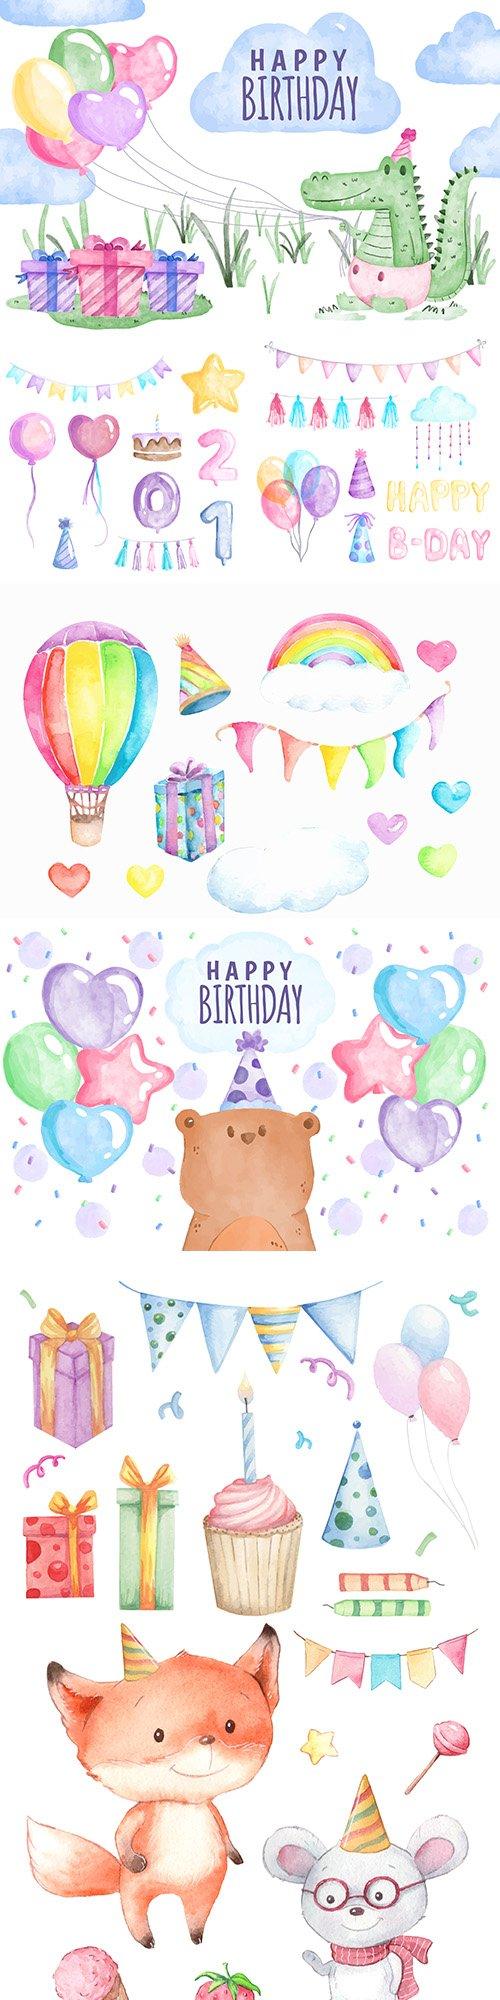 Happy Birthday decorative set element watercolor